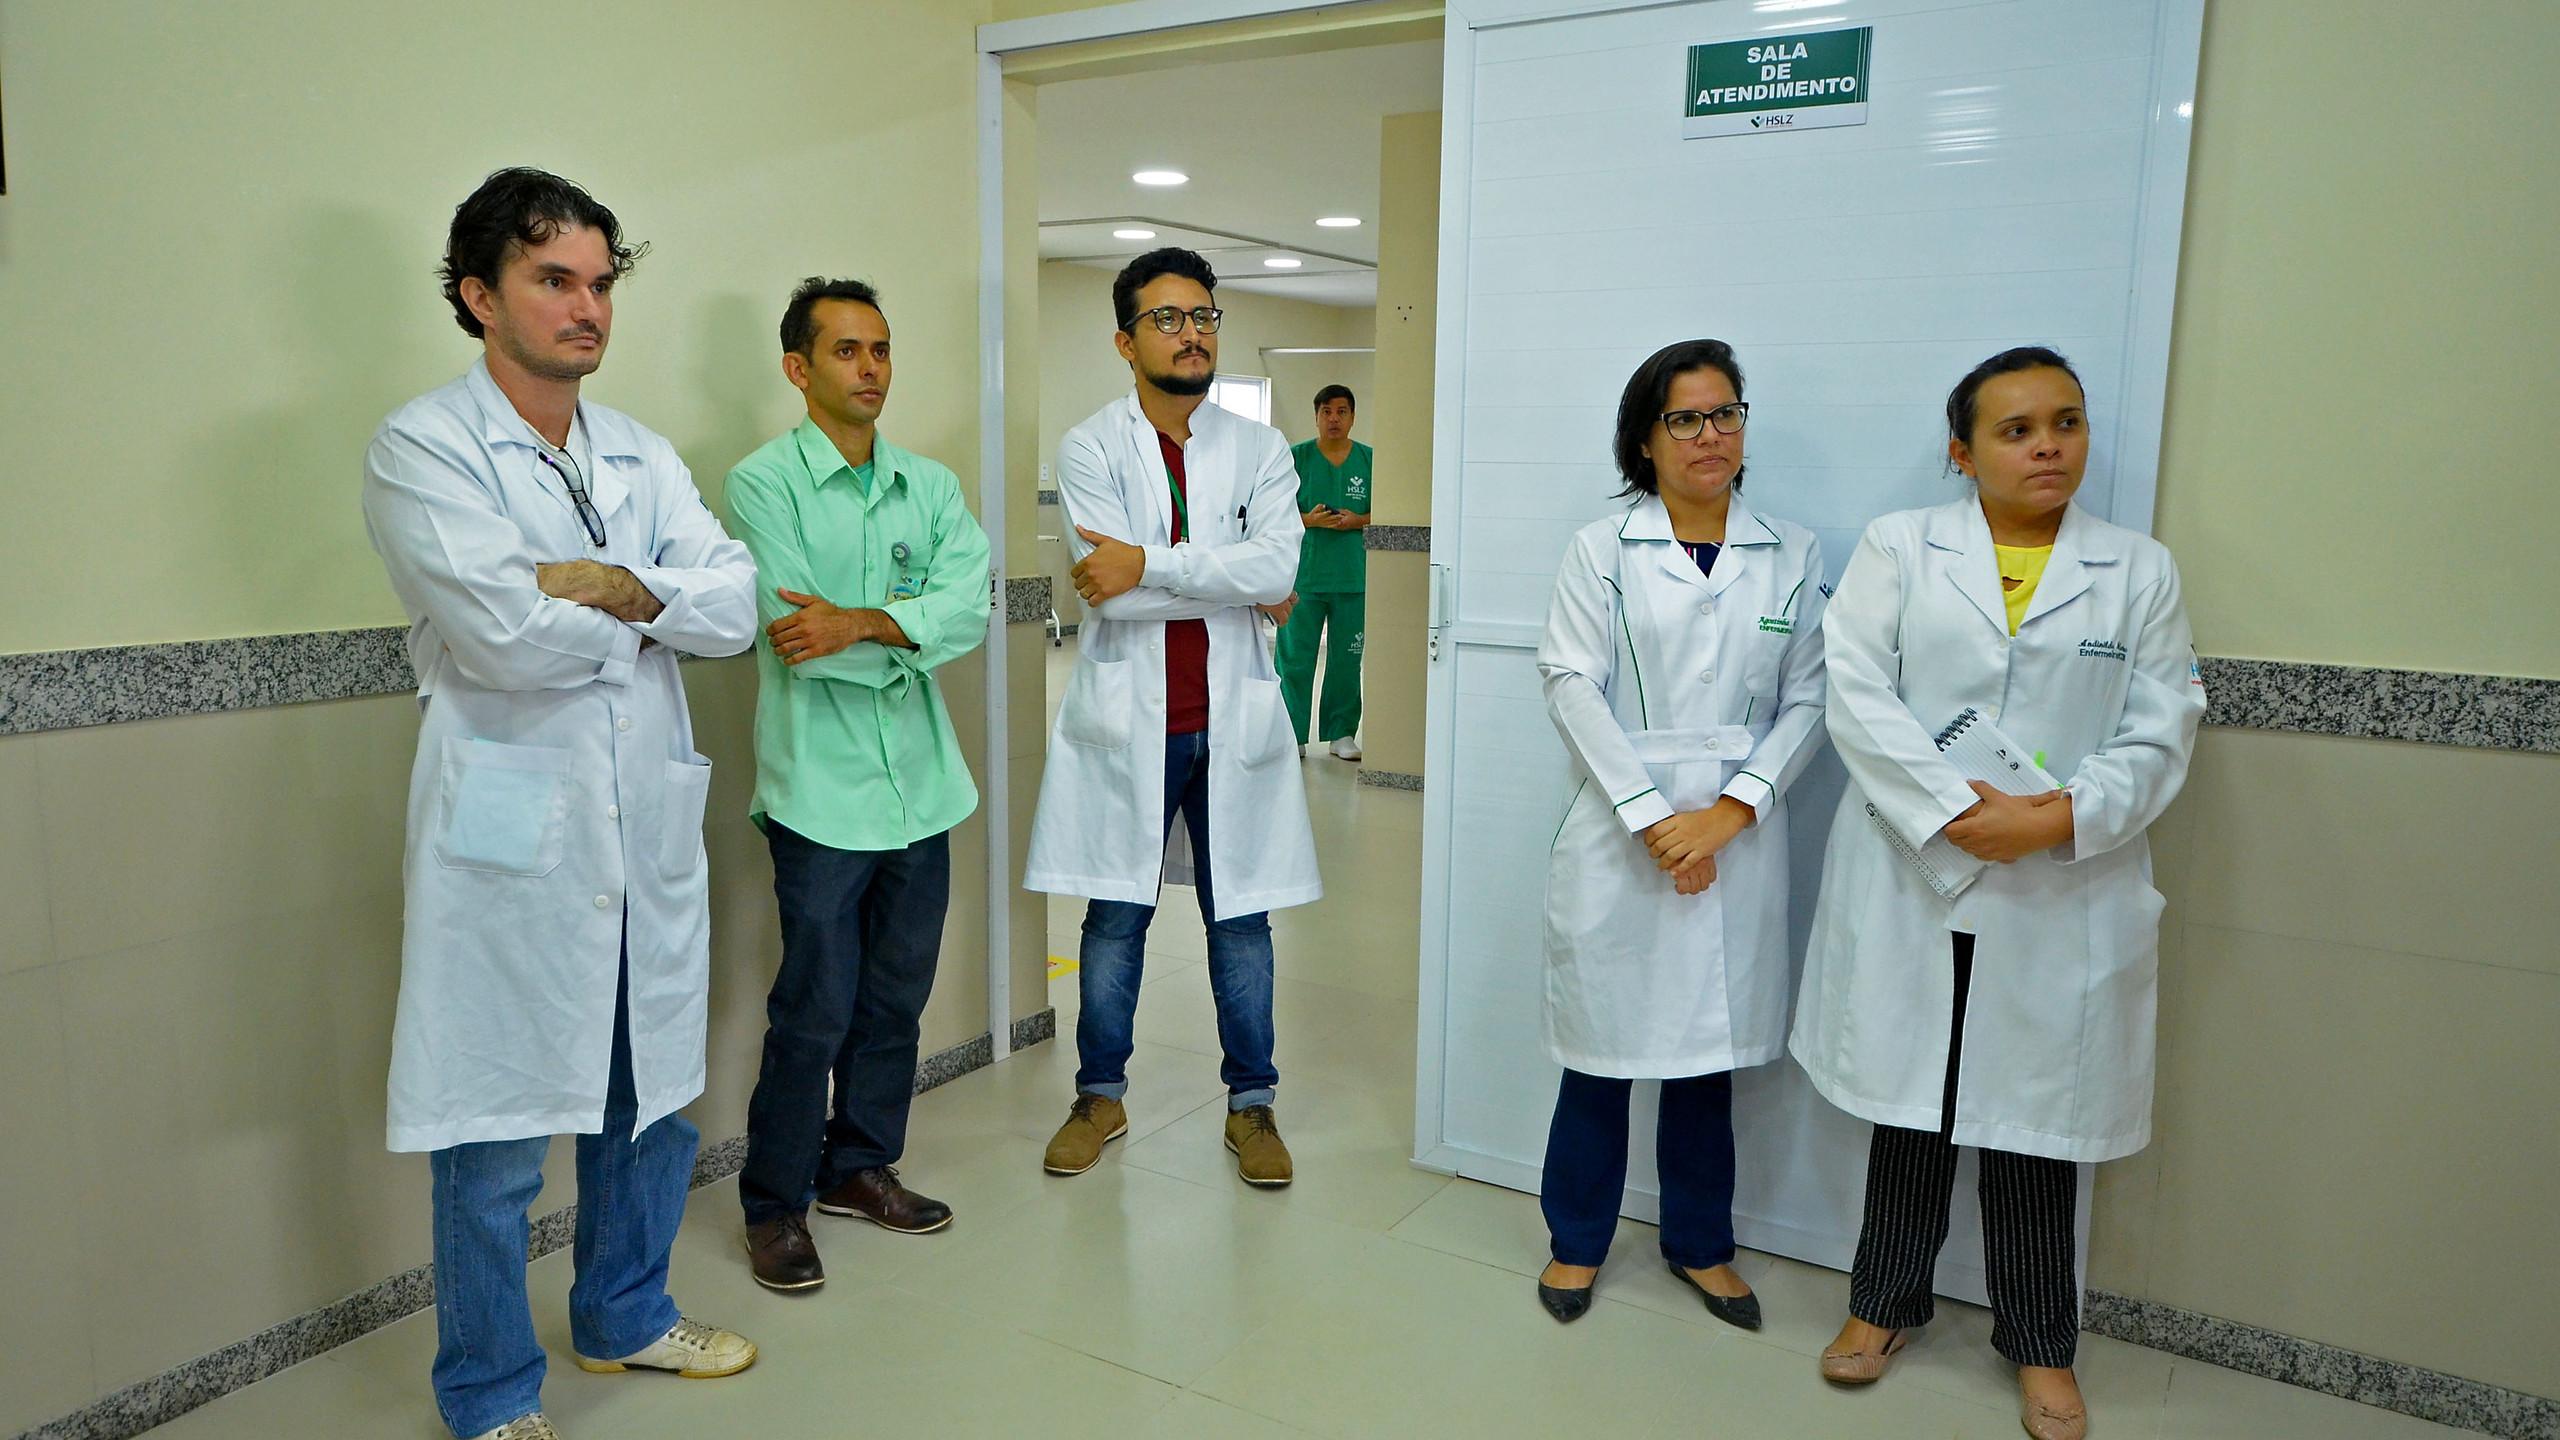 Novas contratações de profissionais multidisciplinares foram feitas pelo HSLZ para ampliar o atendimento de pacientes, isolando casos de Covid-19 dos demais casos.